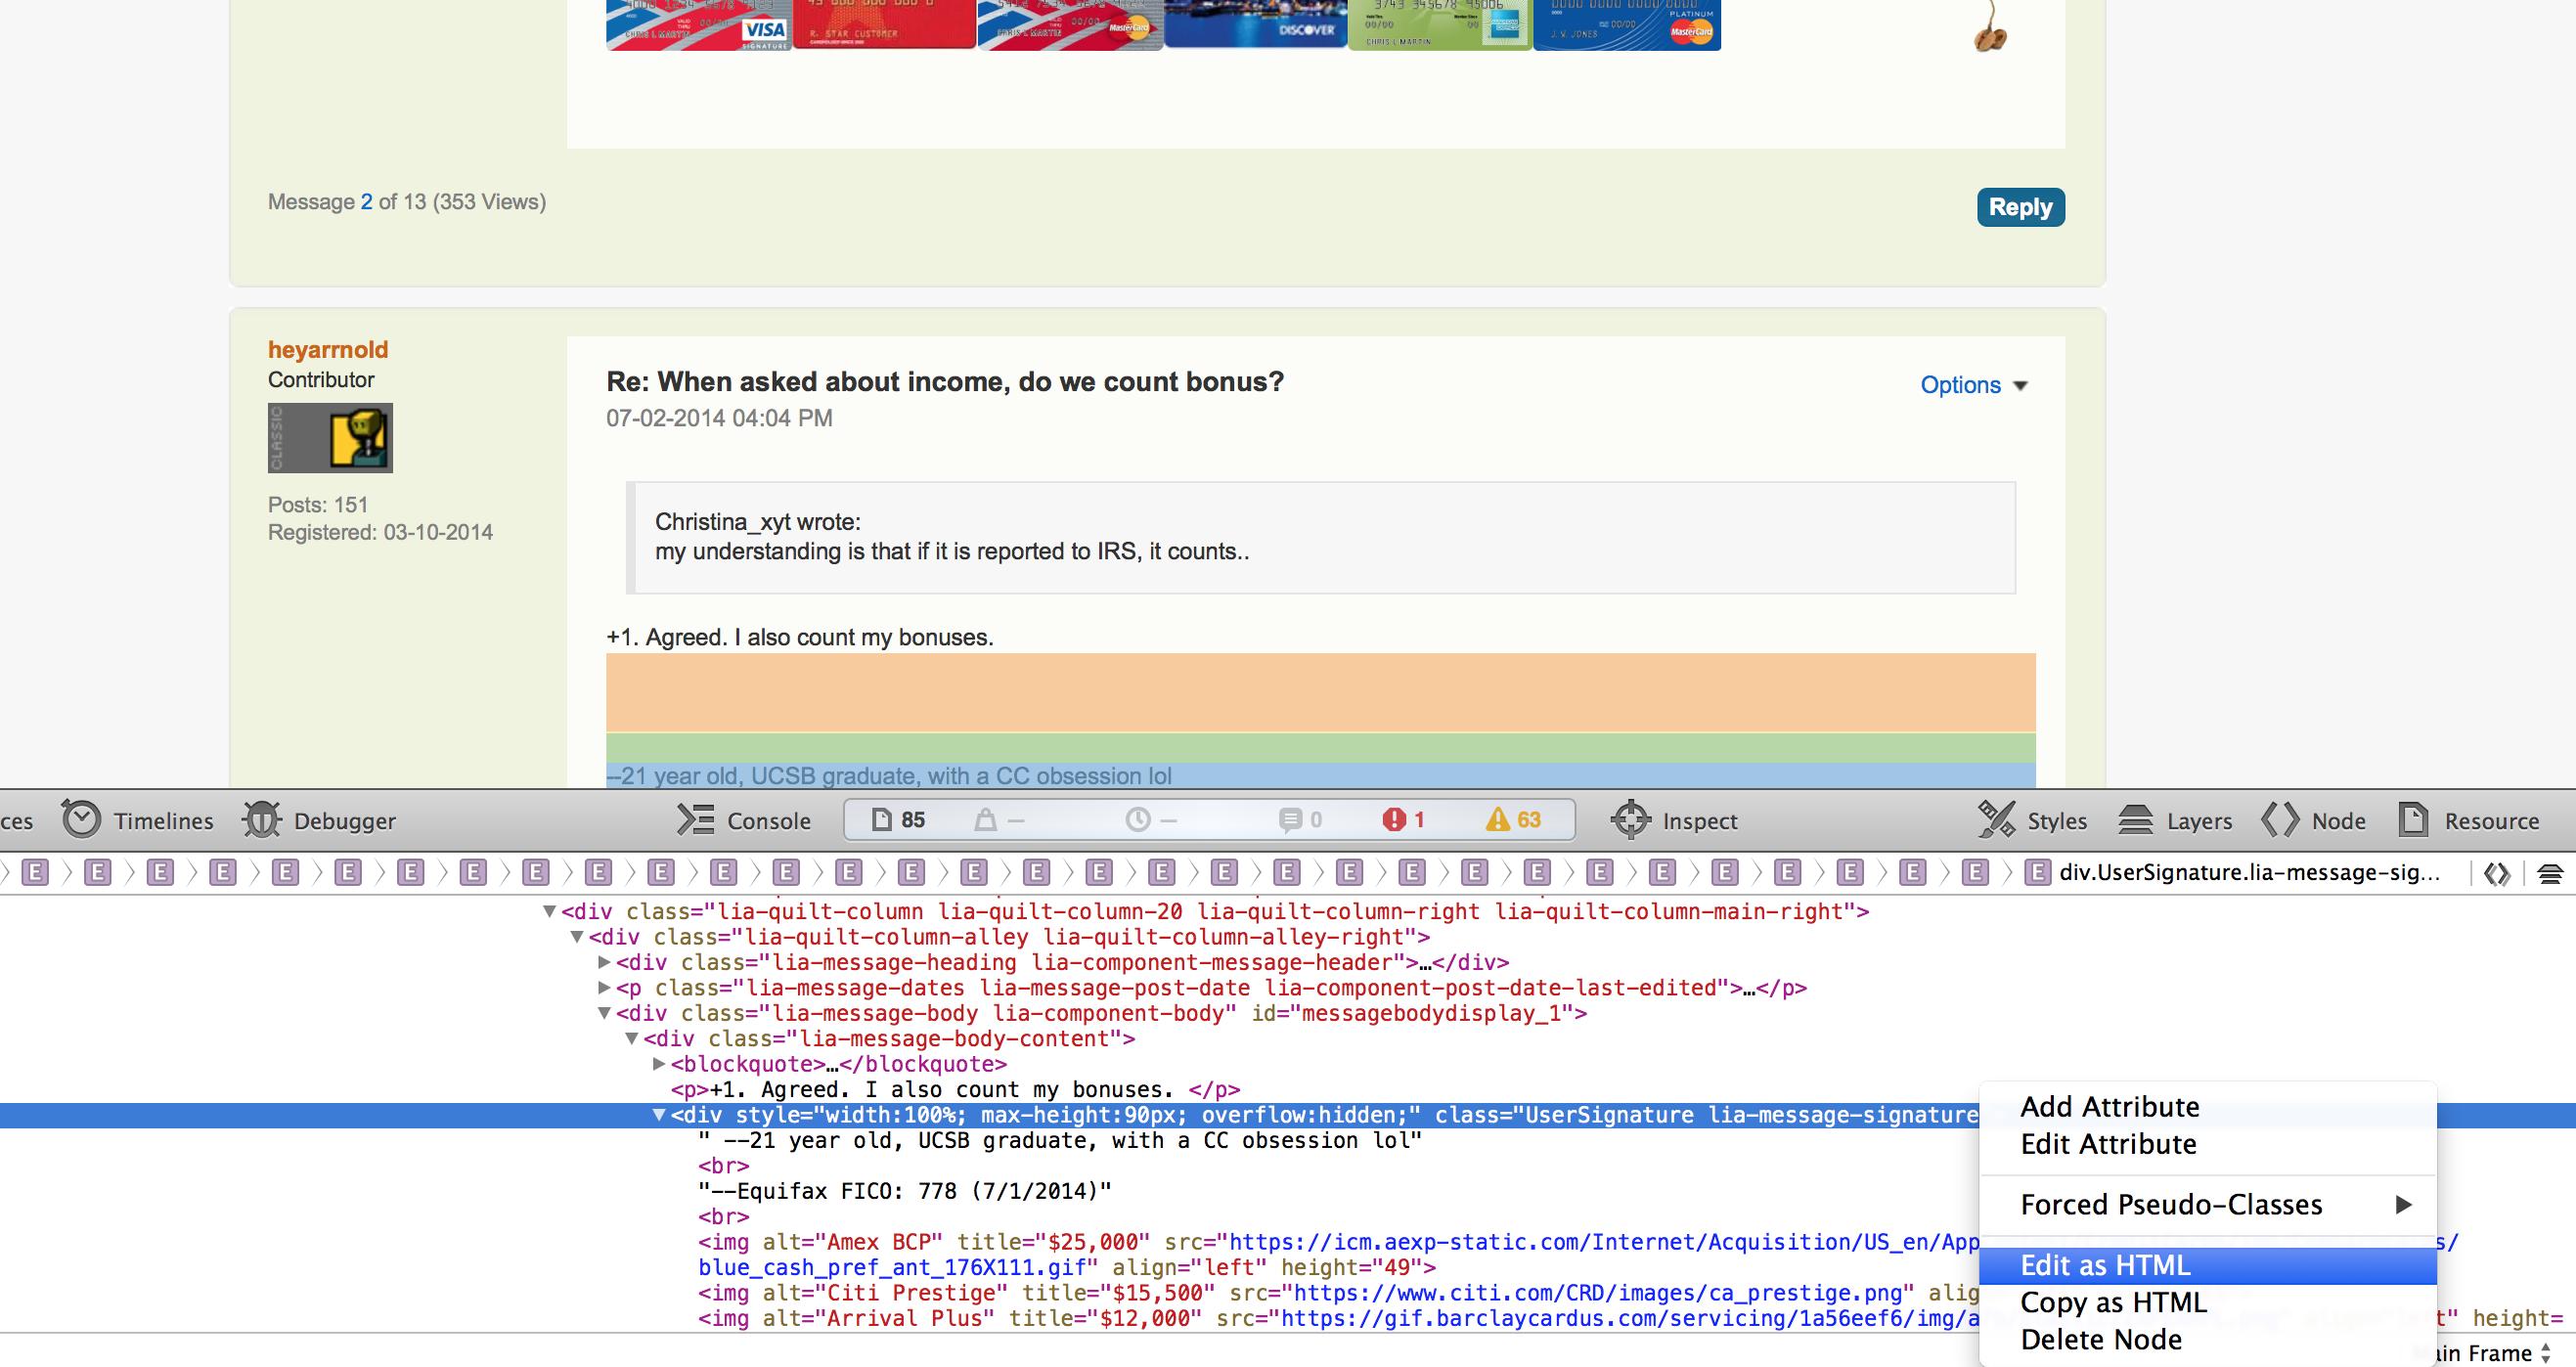 Screen Shot 2014-07-03 at 3.43.55 PM.png